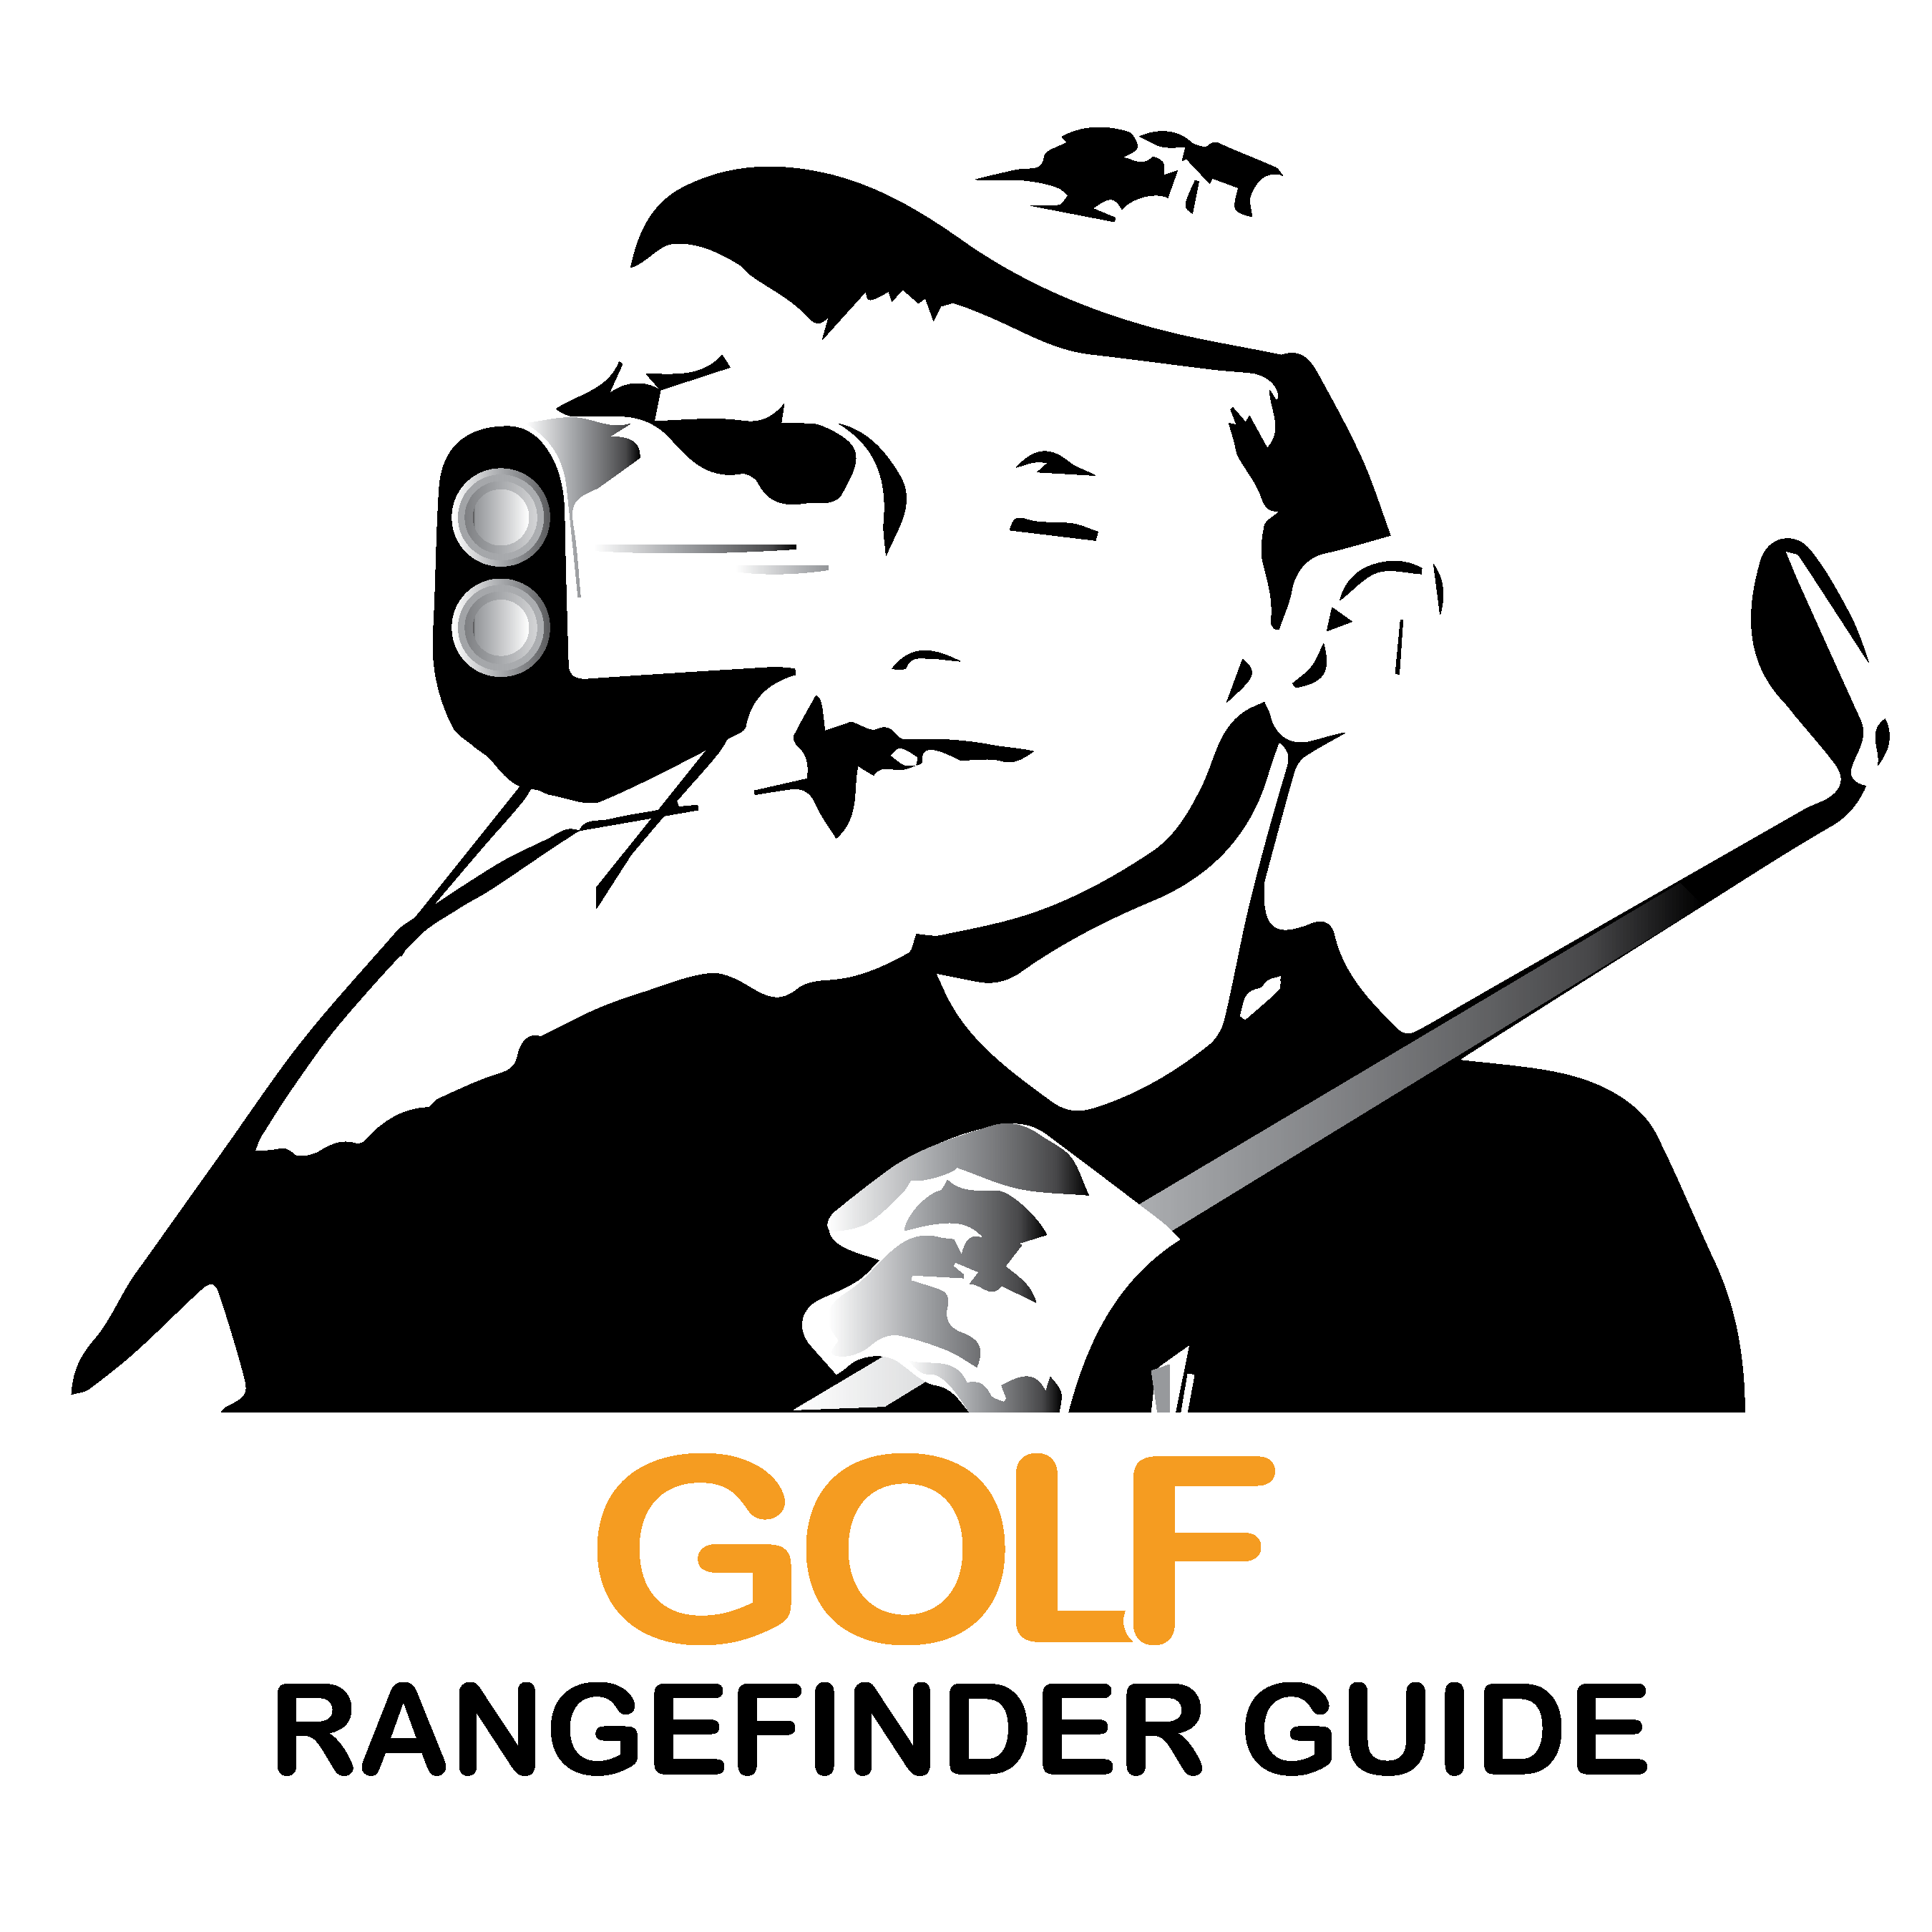 Golf Rangefinder guides